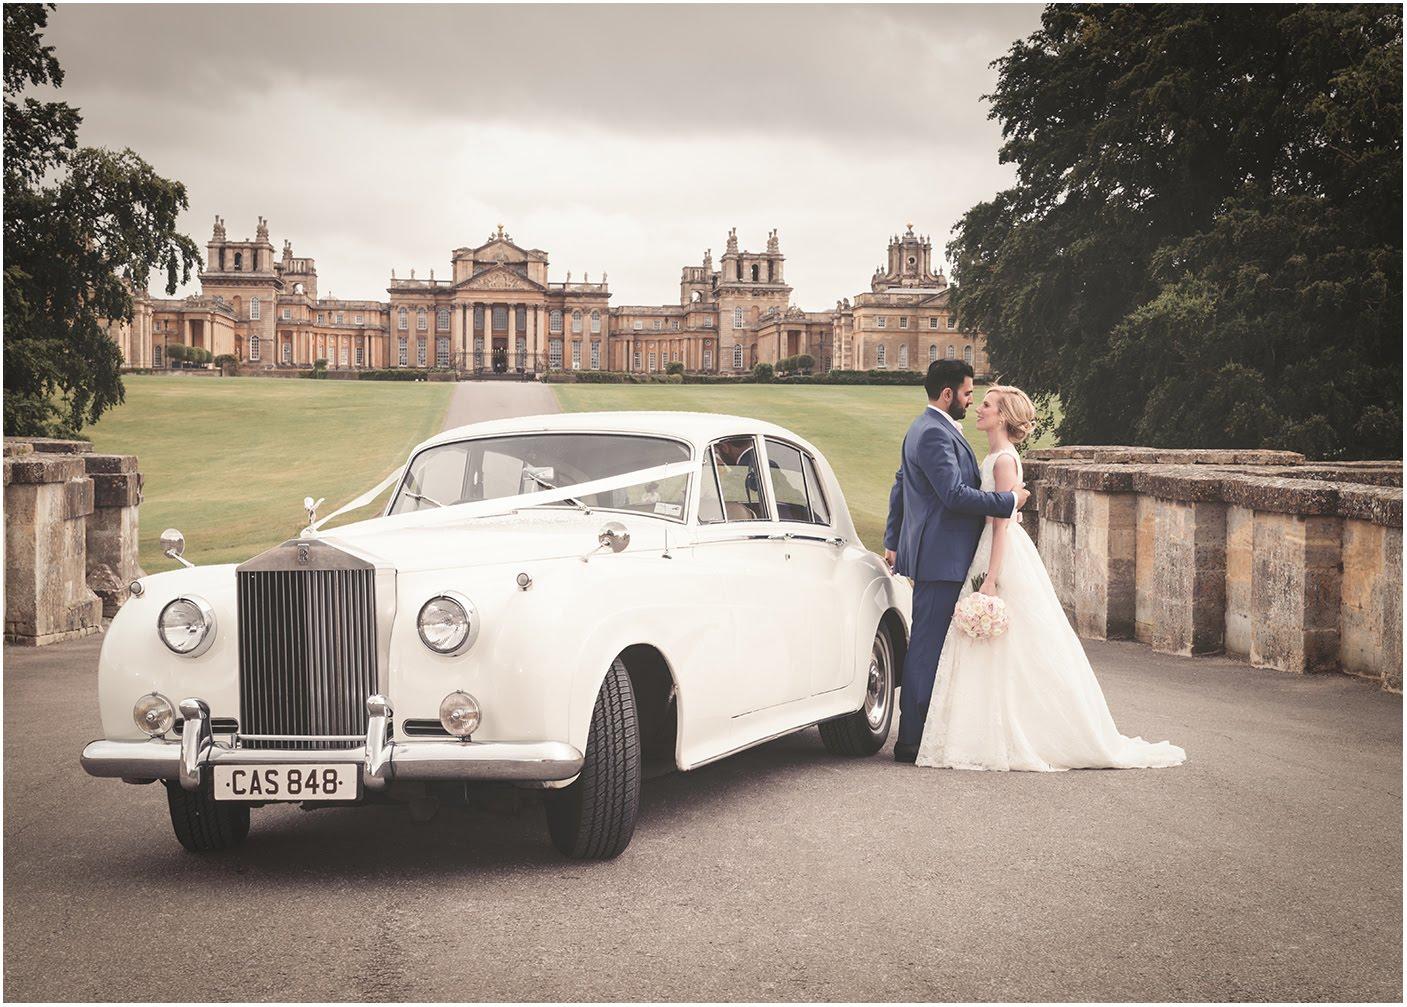 Rolls-Royce-Wedding-car-white-classic-car-hire.jpg